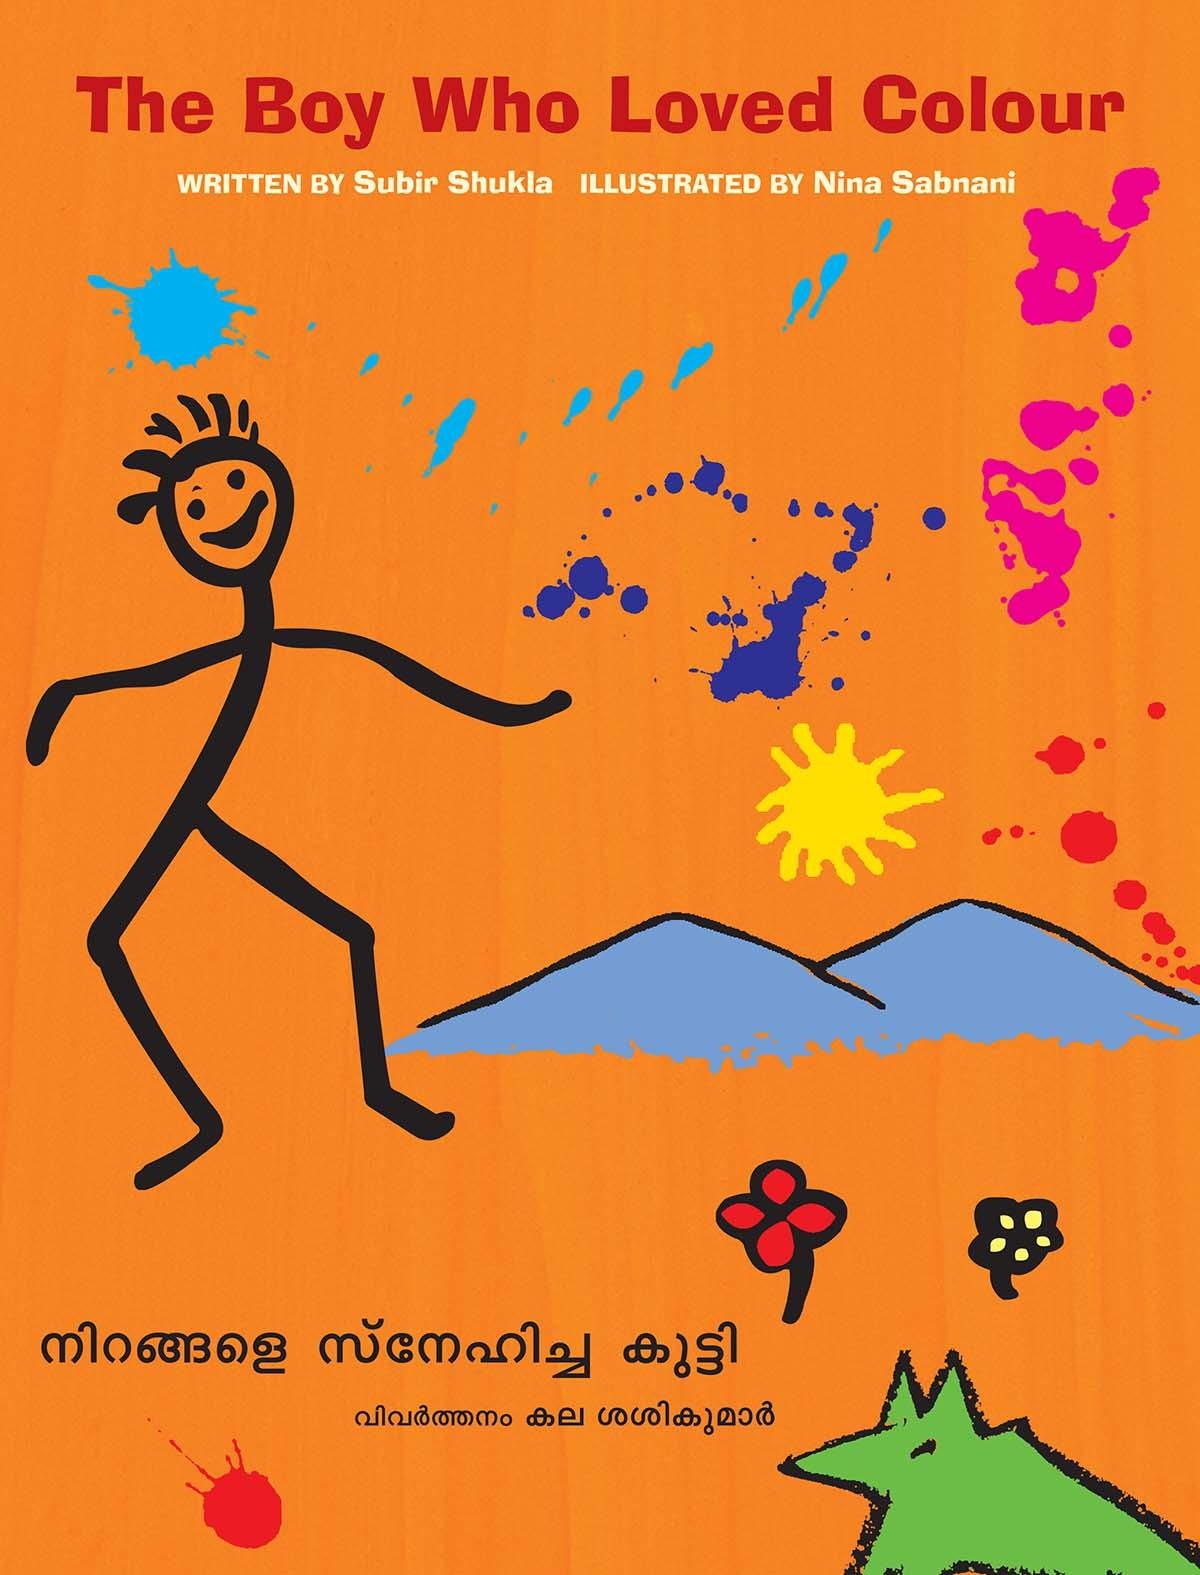 The Boy Who Loved Colour/Nirangale Snehicha Kutti (English-Malayalam)